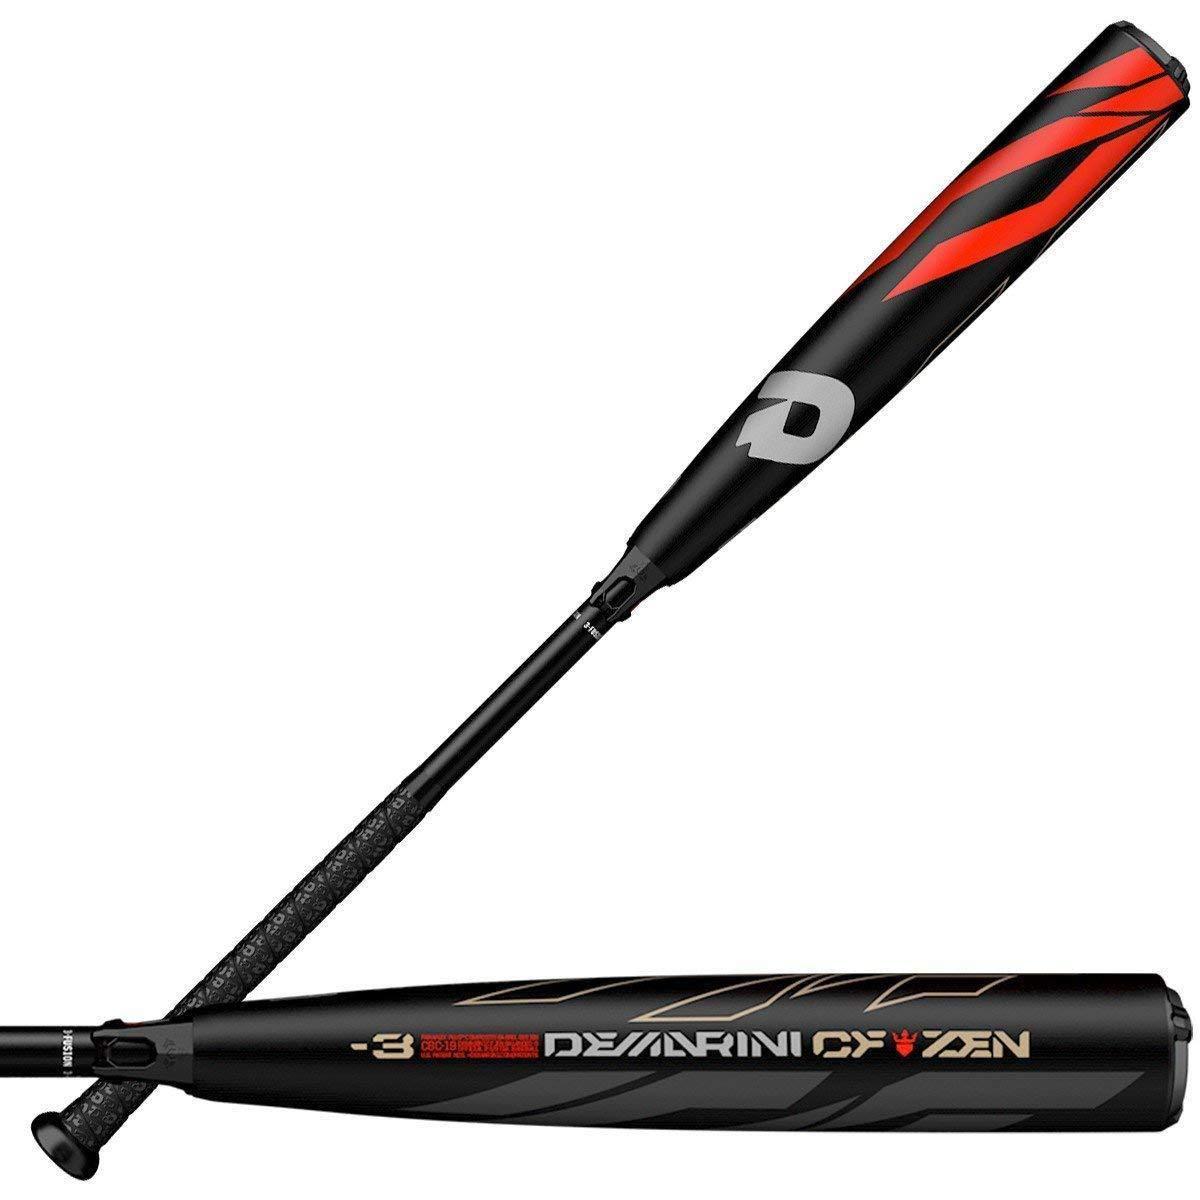 DeMarini 2019 CF Zen Balanced (-3) 2 5/8'' BBCOR Baseball Bat, 34''/31 oz